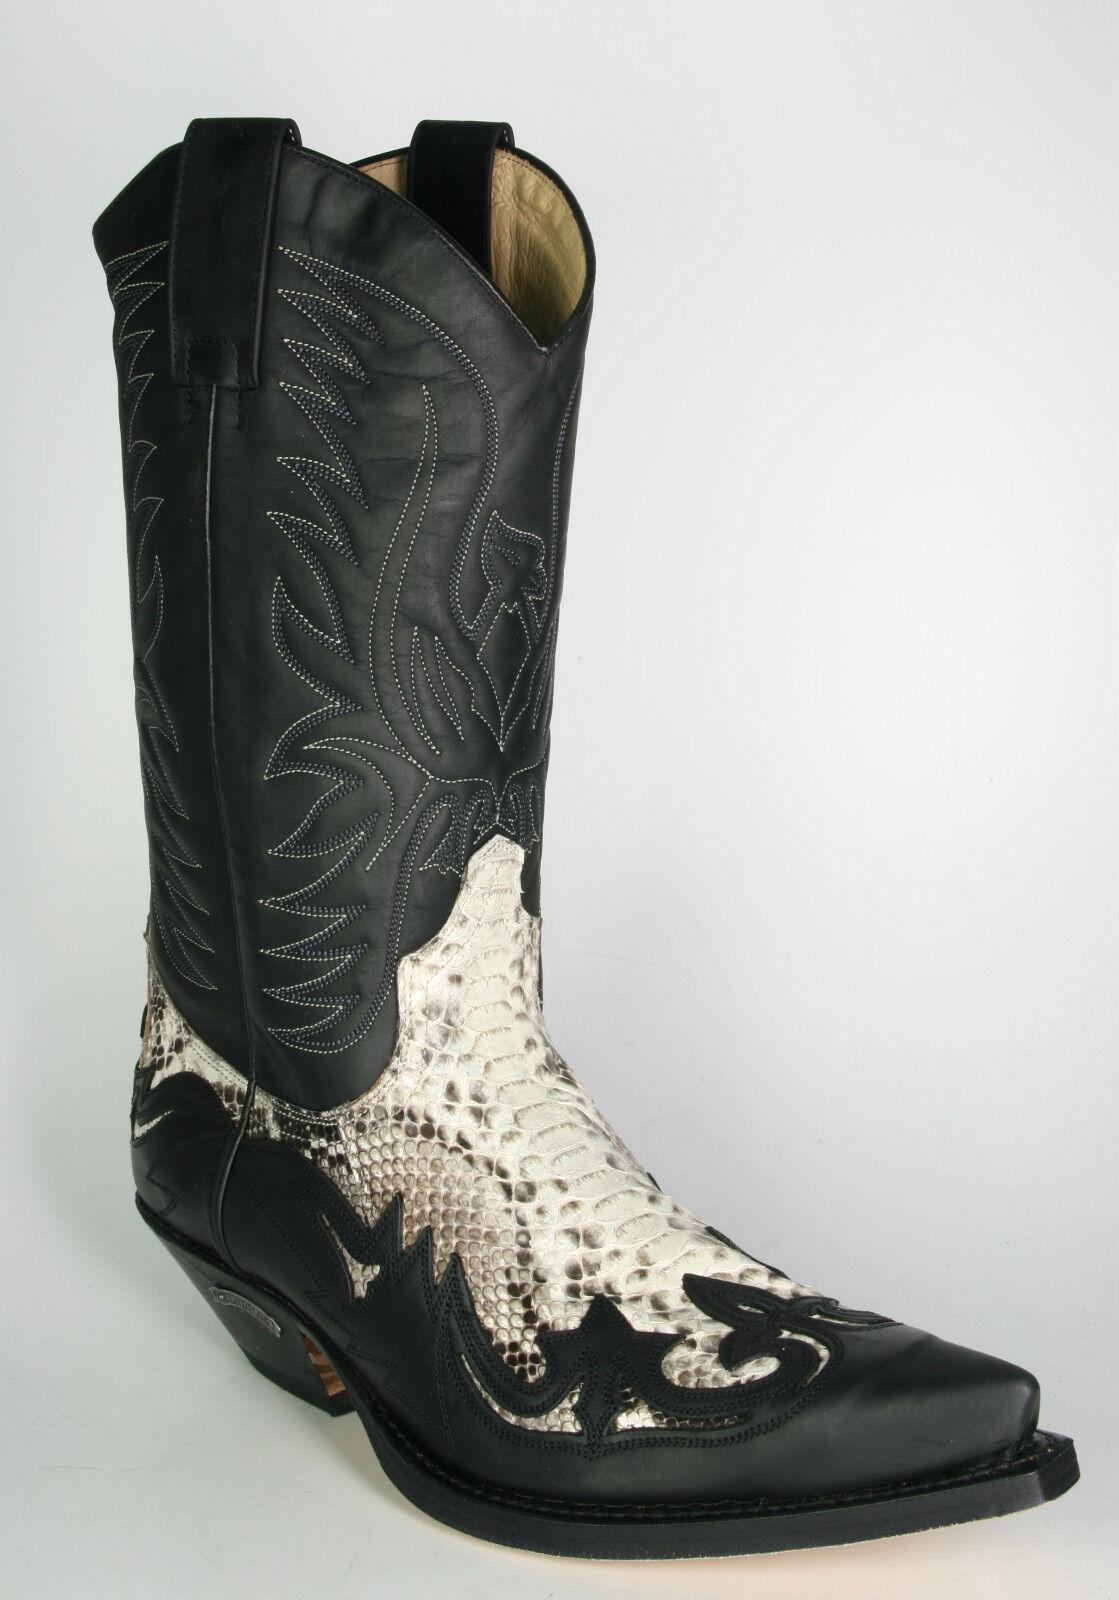 3241 Cowboystiefel Sendra schwarz Python Natural    | Deutschland Shops